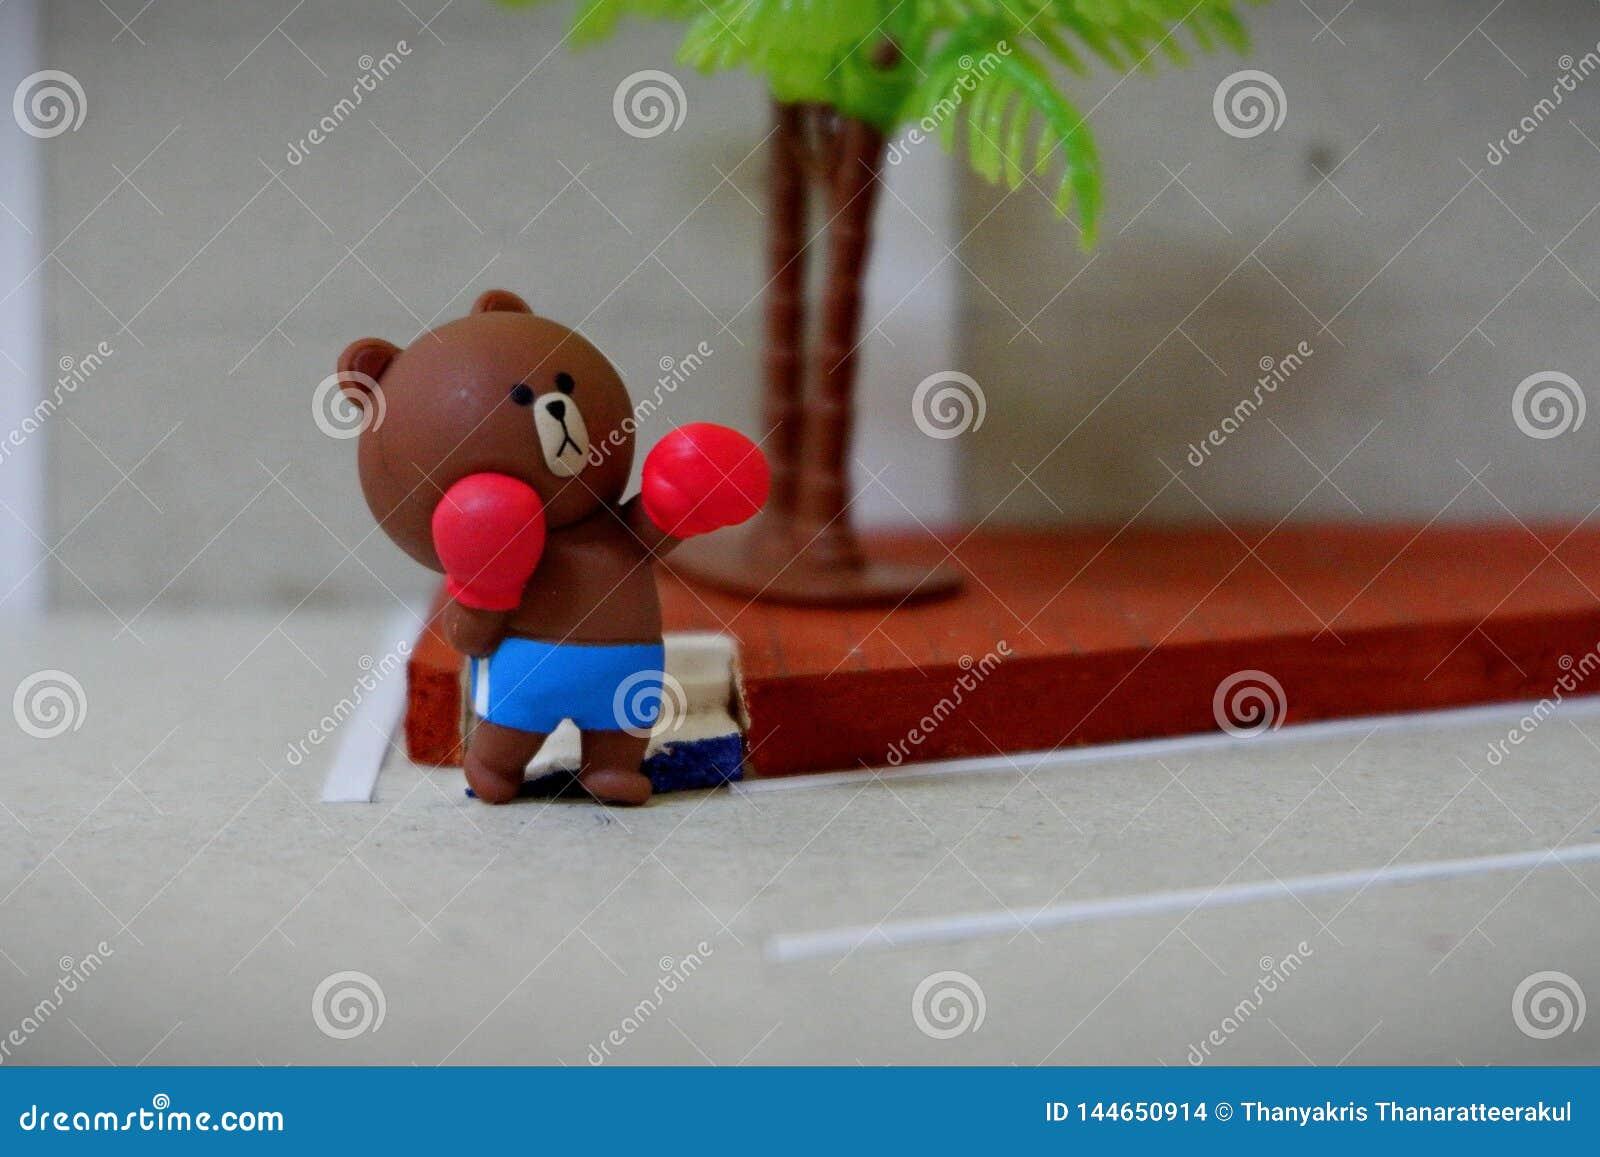 Mały niedźwiedź ćwiczy boksować